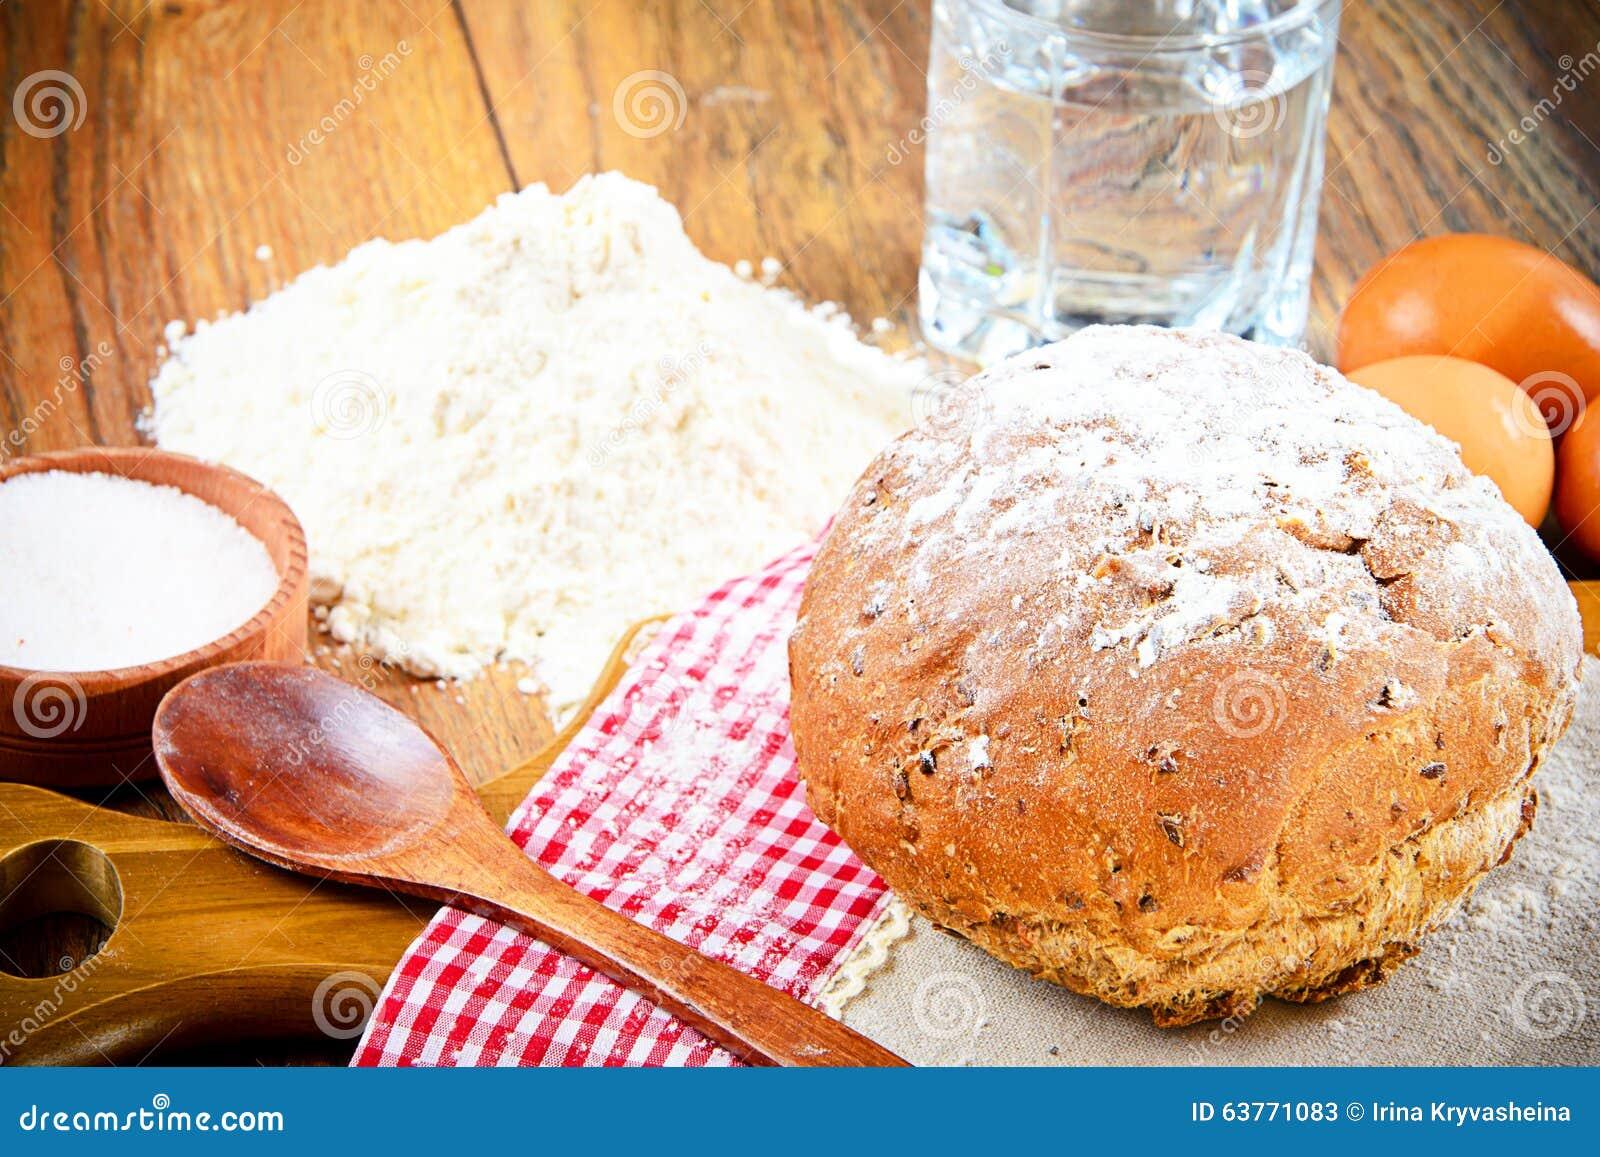 bröd på mjöl och vatten